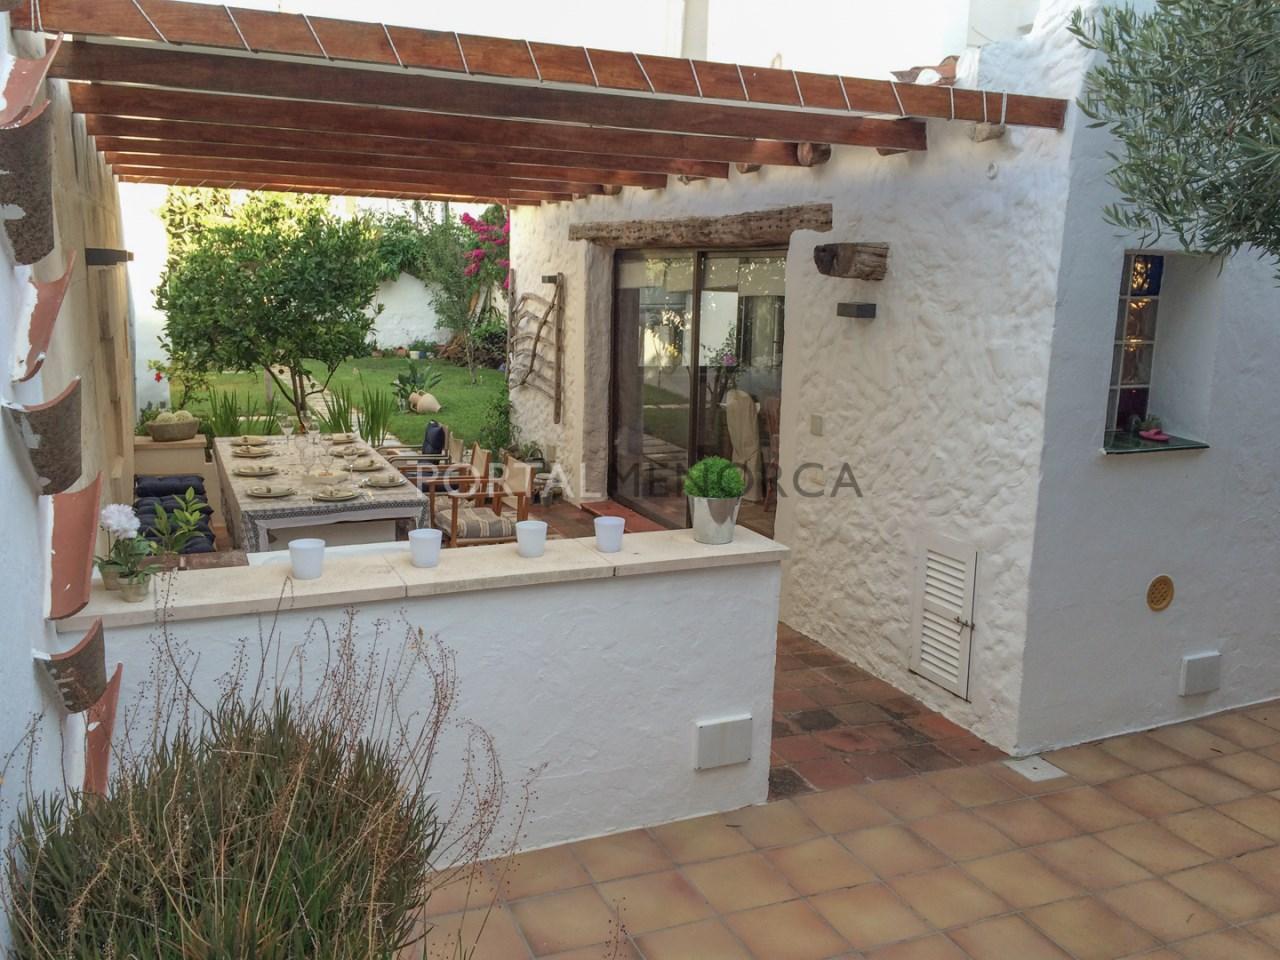 Casa con patio en es Castell (1 de 5)